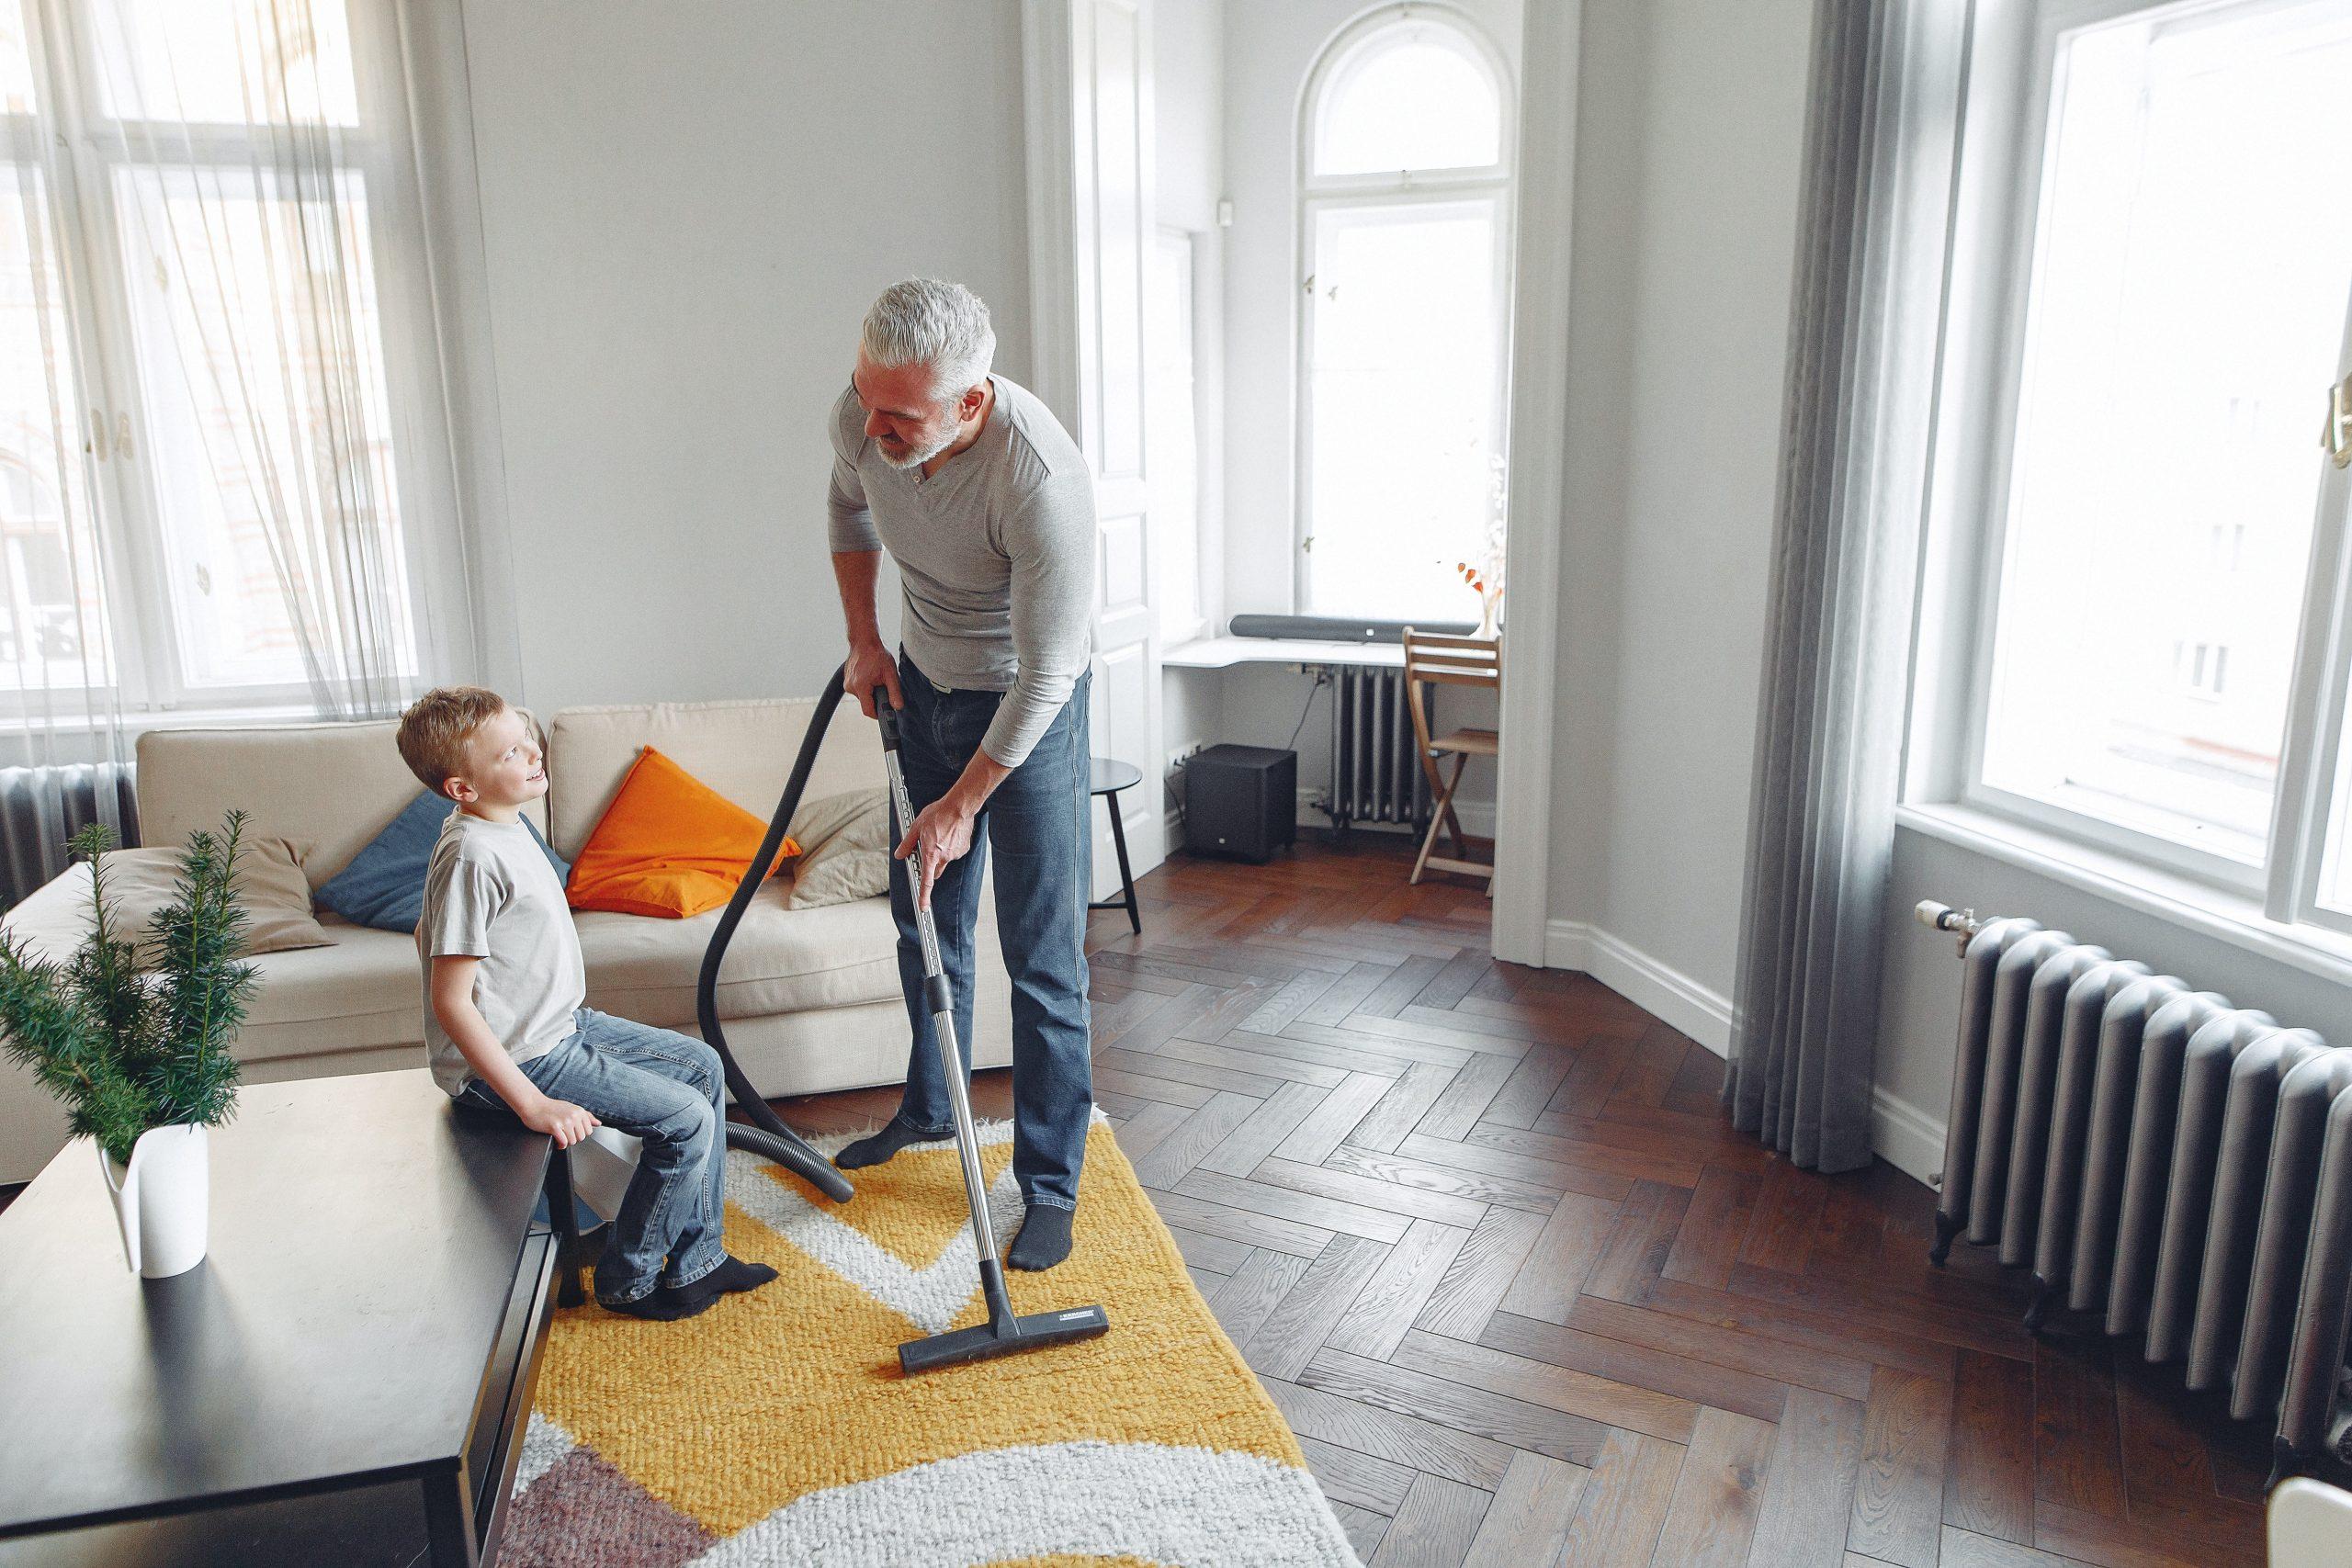 Vater und Sohn saugen Wohnzimmer